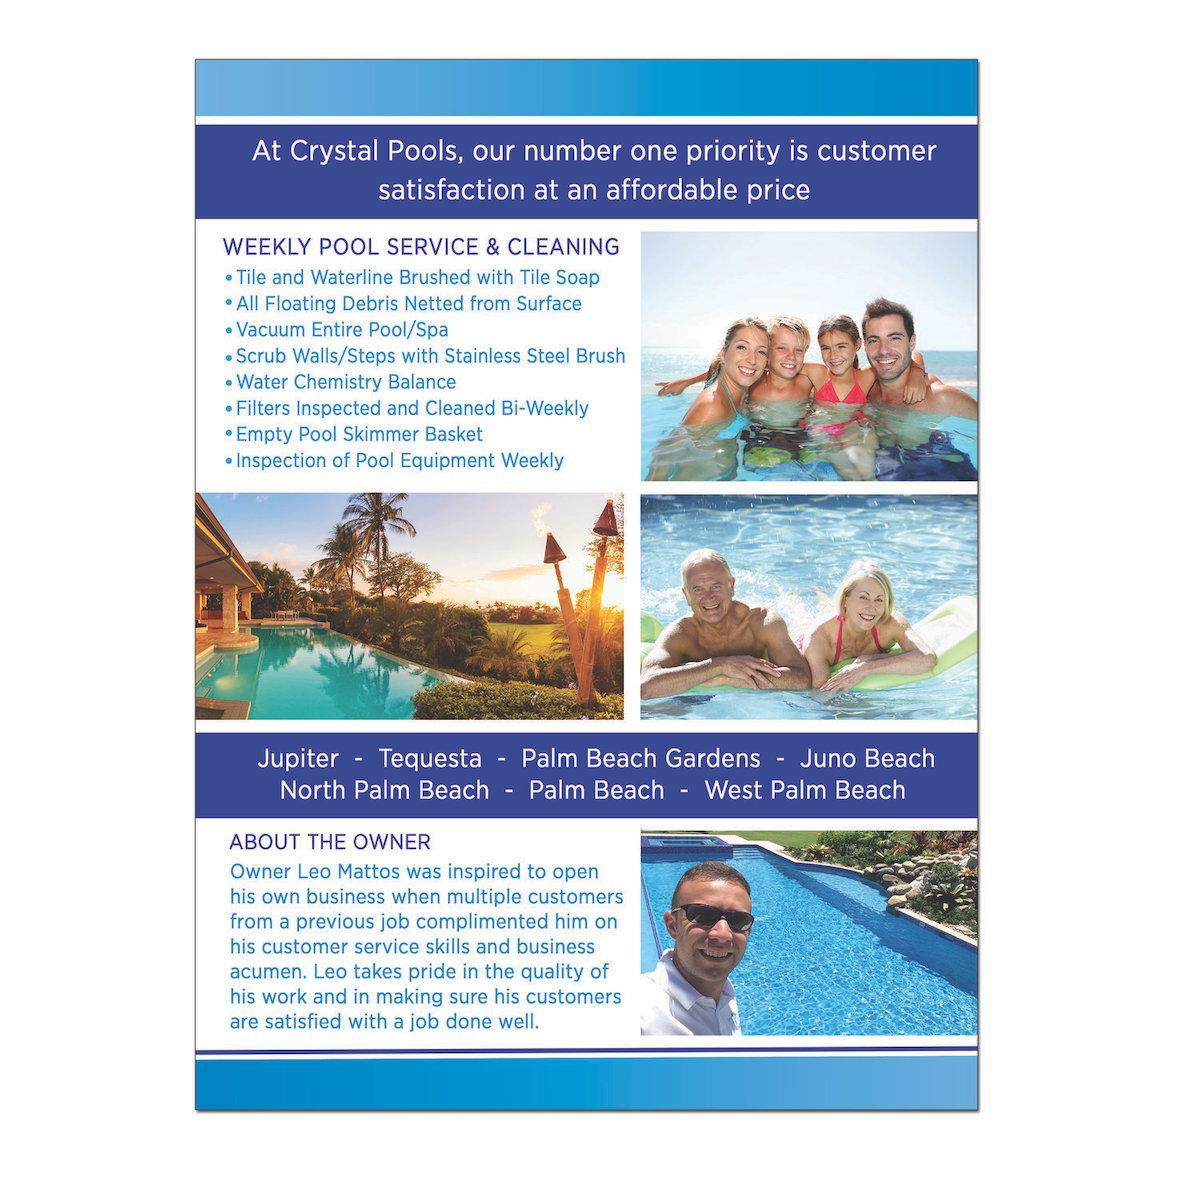 Pool Company Flyer Design - Jupiter